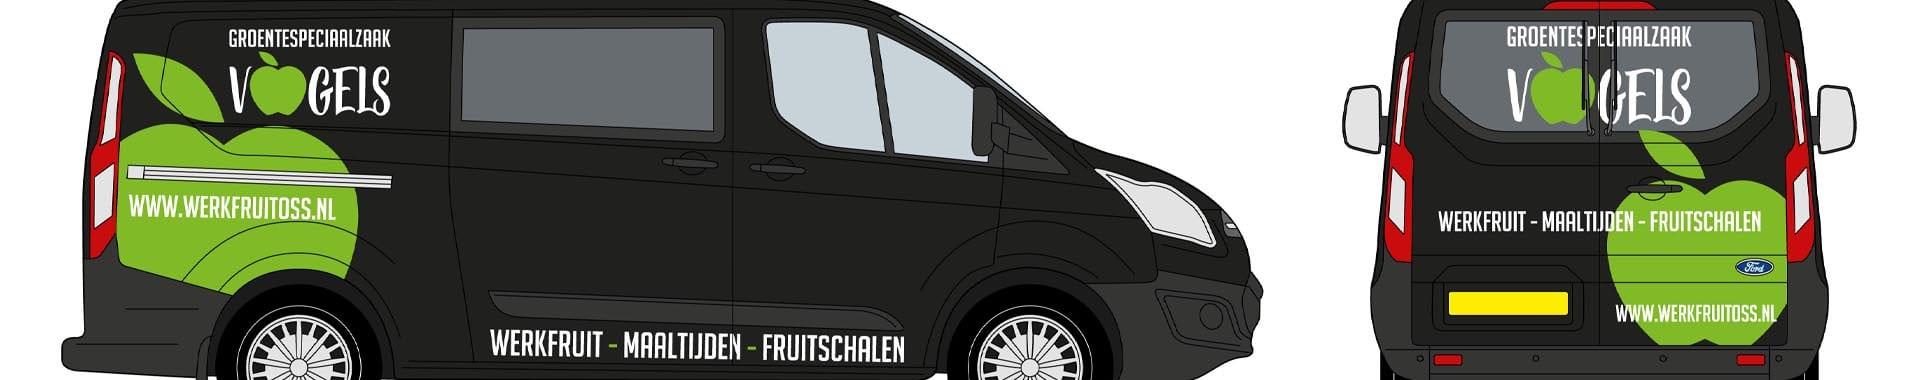 Van der Sloot Reclame - Ontwerpen - Header